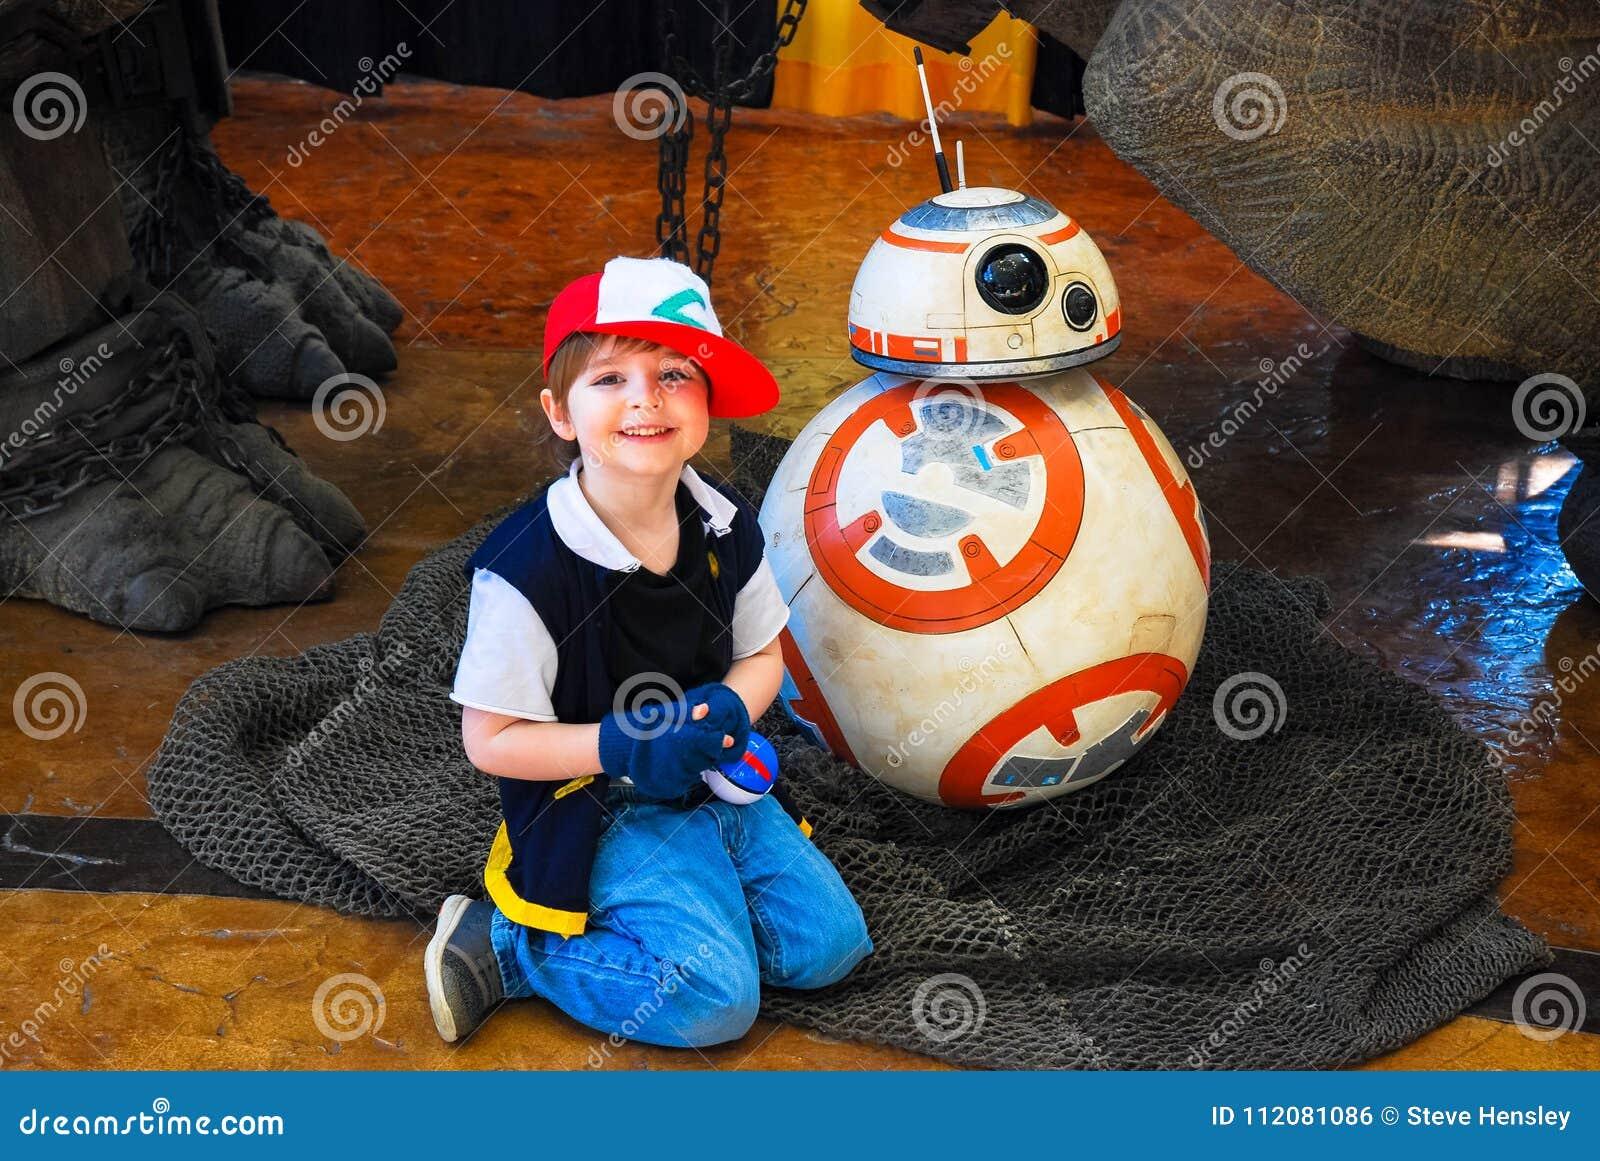 Lexington, les KY USA - 11 mars 2018 - Lexington comique et Toy Con Young Boy pose avec le robot mécanique BB8 du Star Wars penda